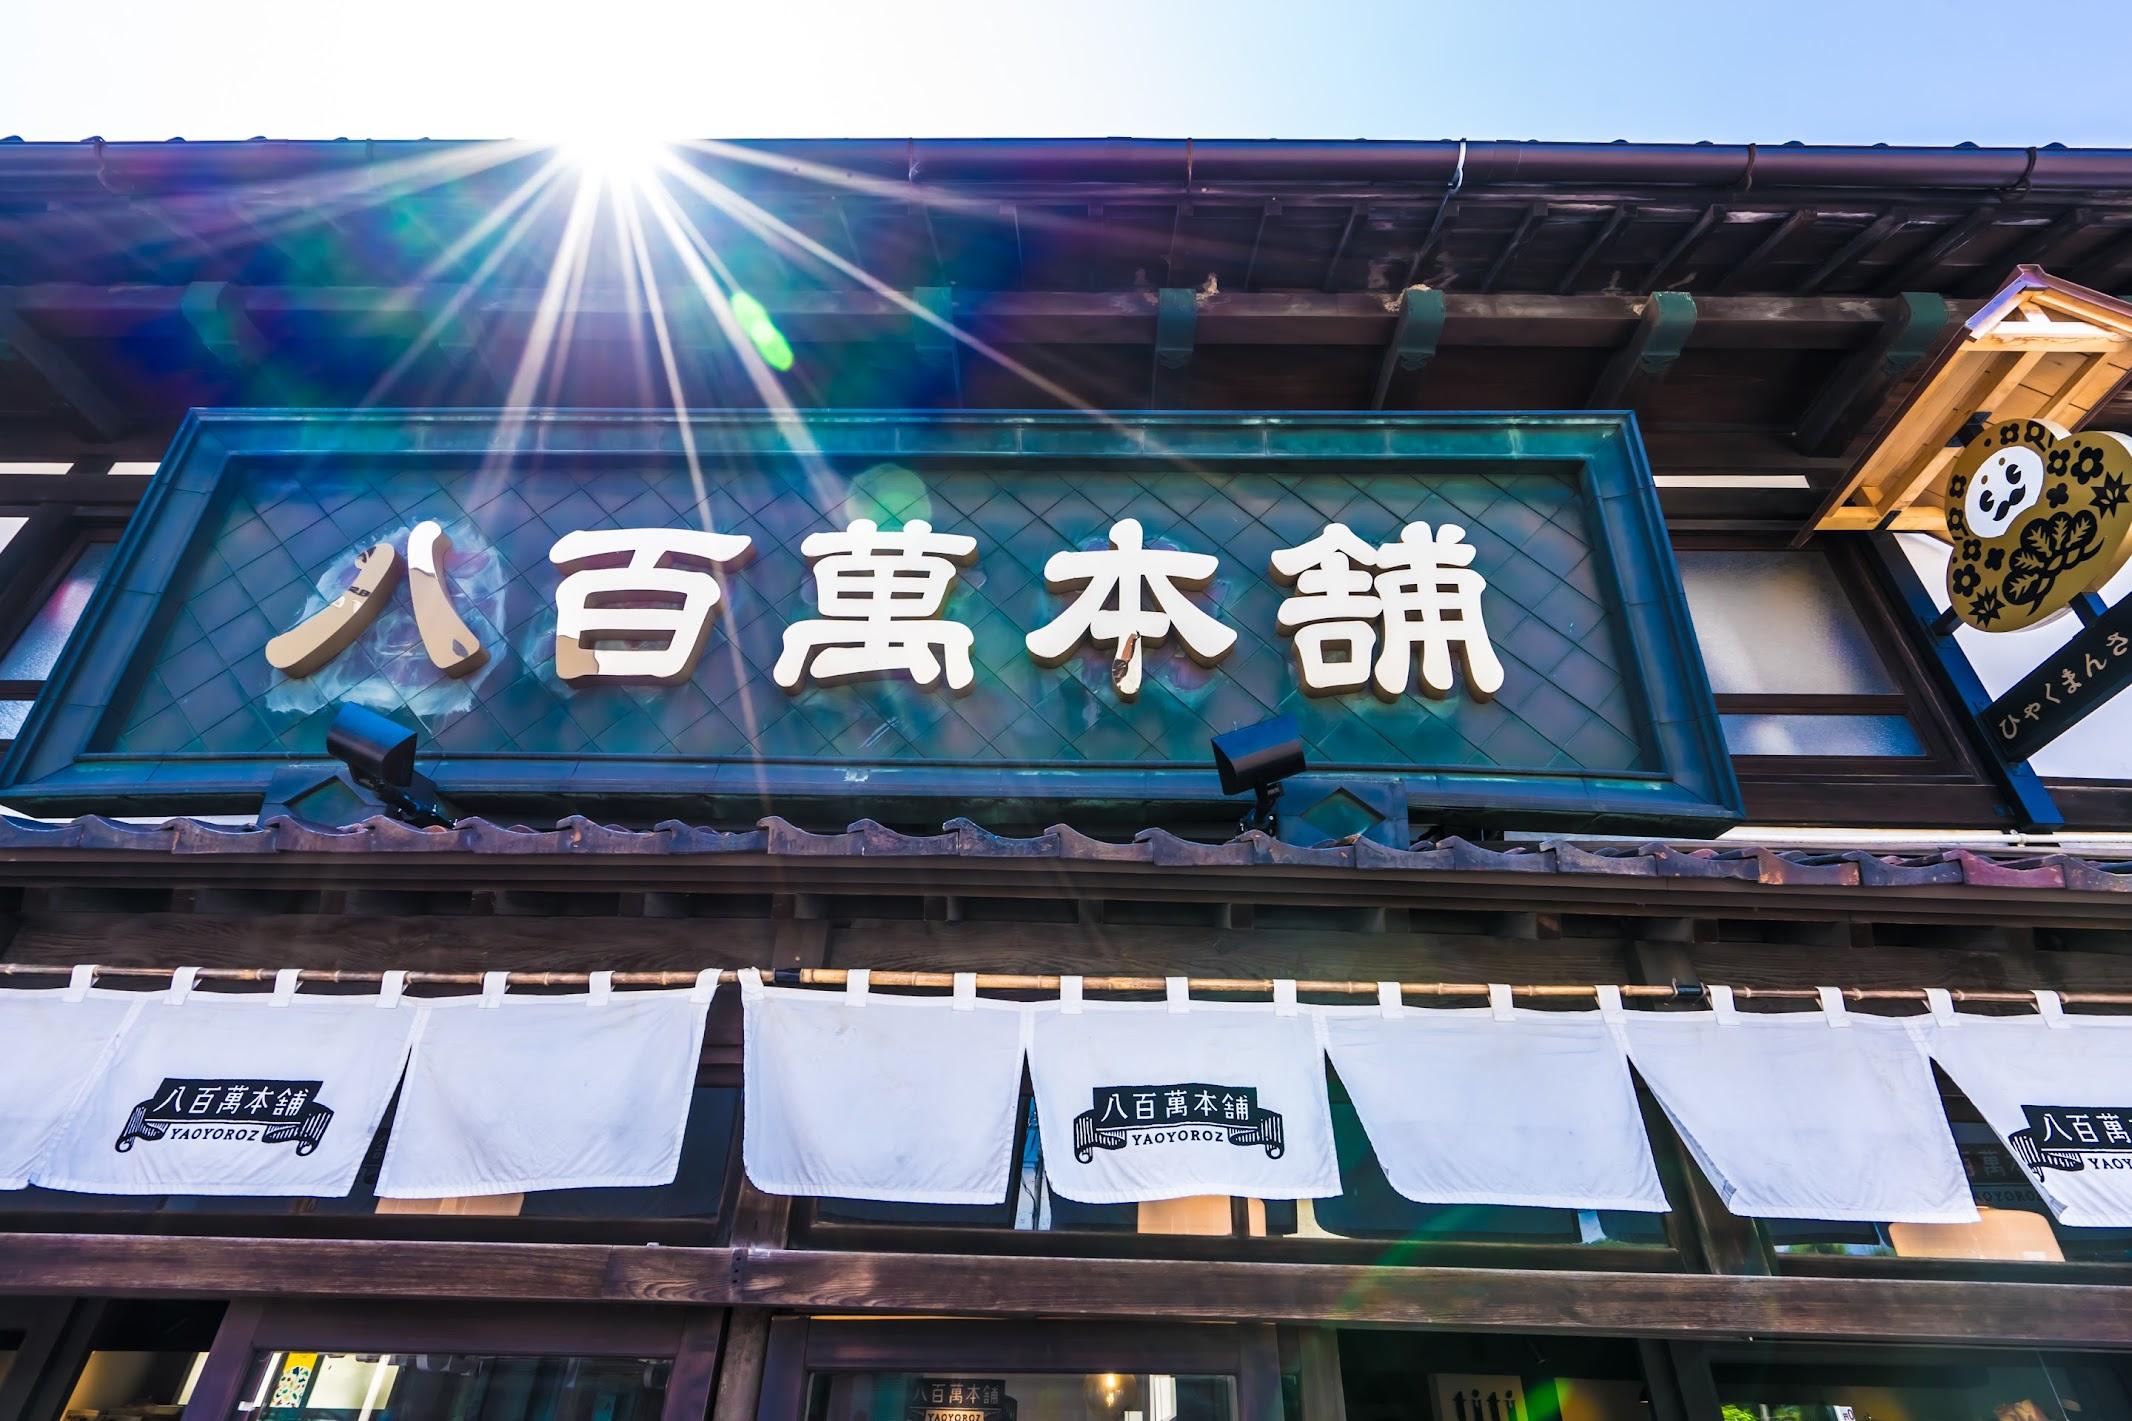 金沢 八百萬本舗